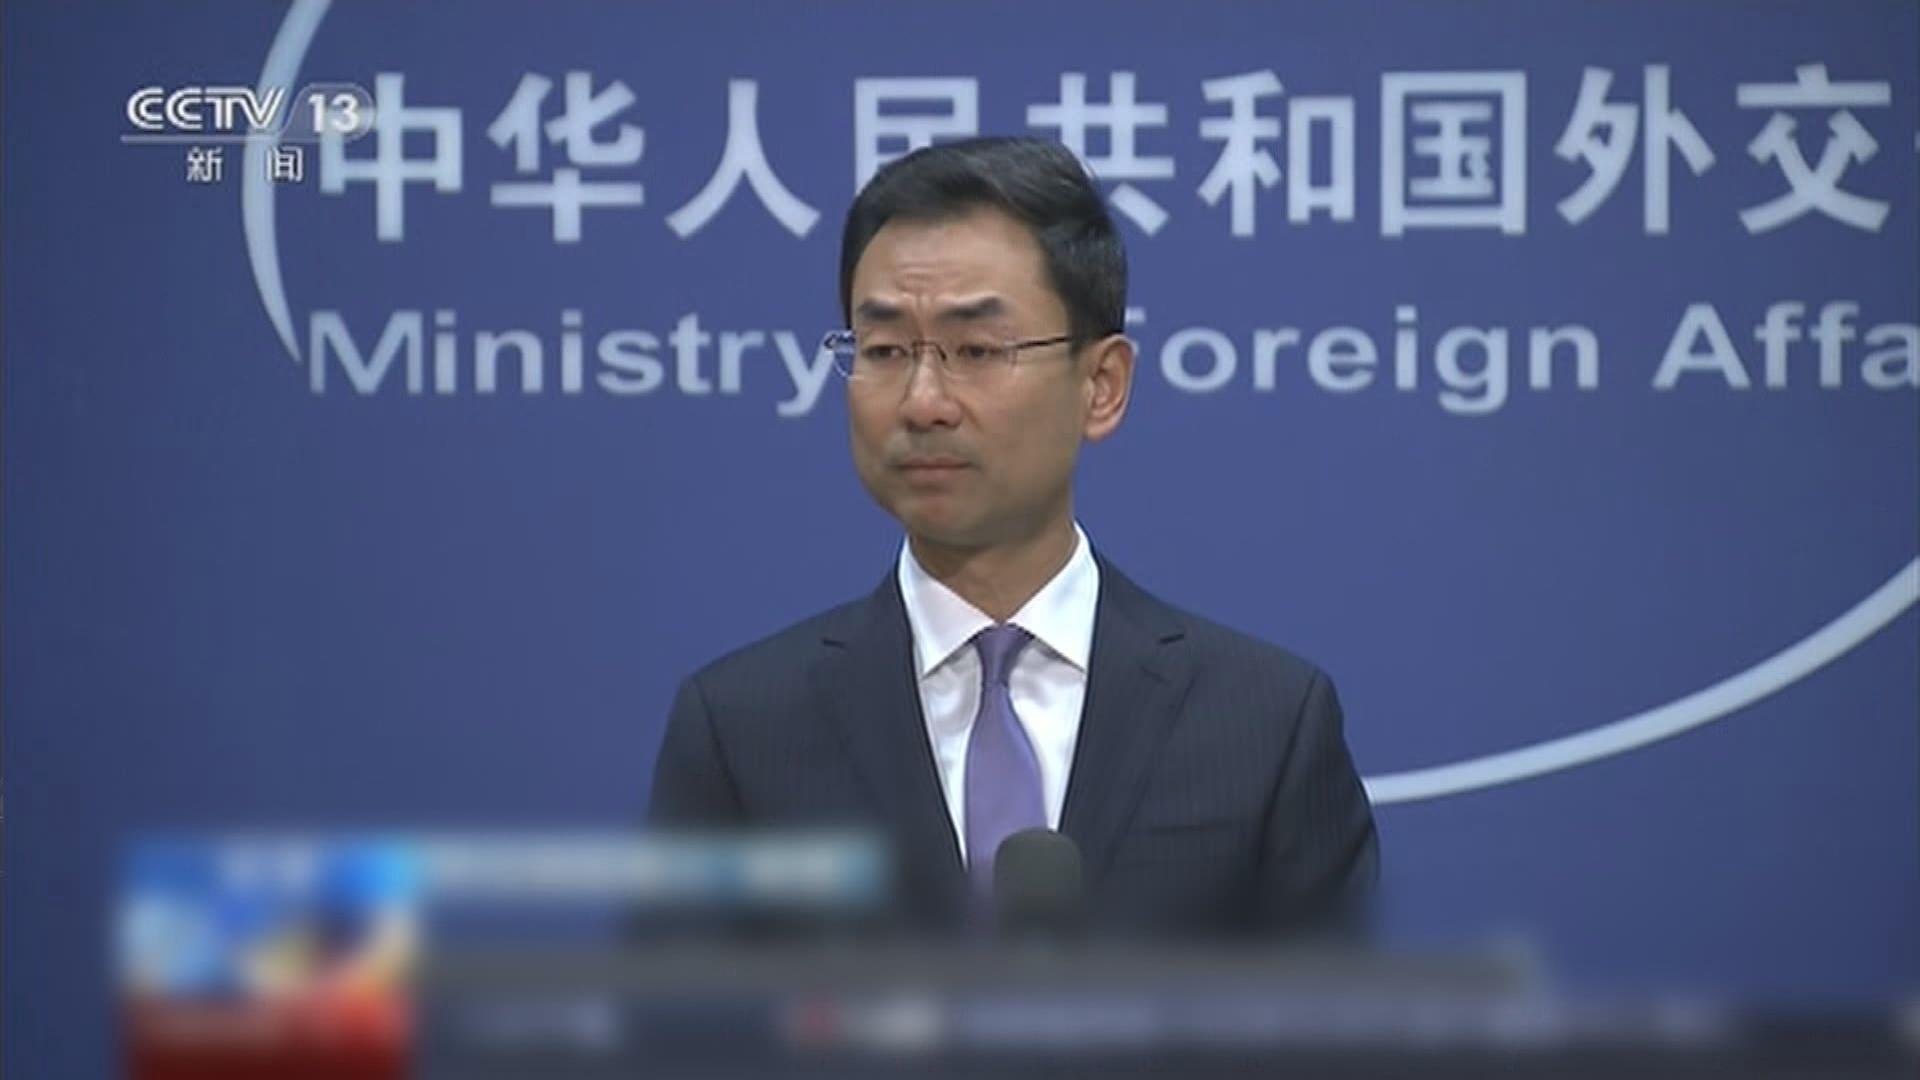 澳洲稱不會對中國人權問題視而不見 外交部提嚴正交涉